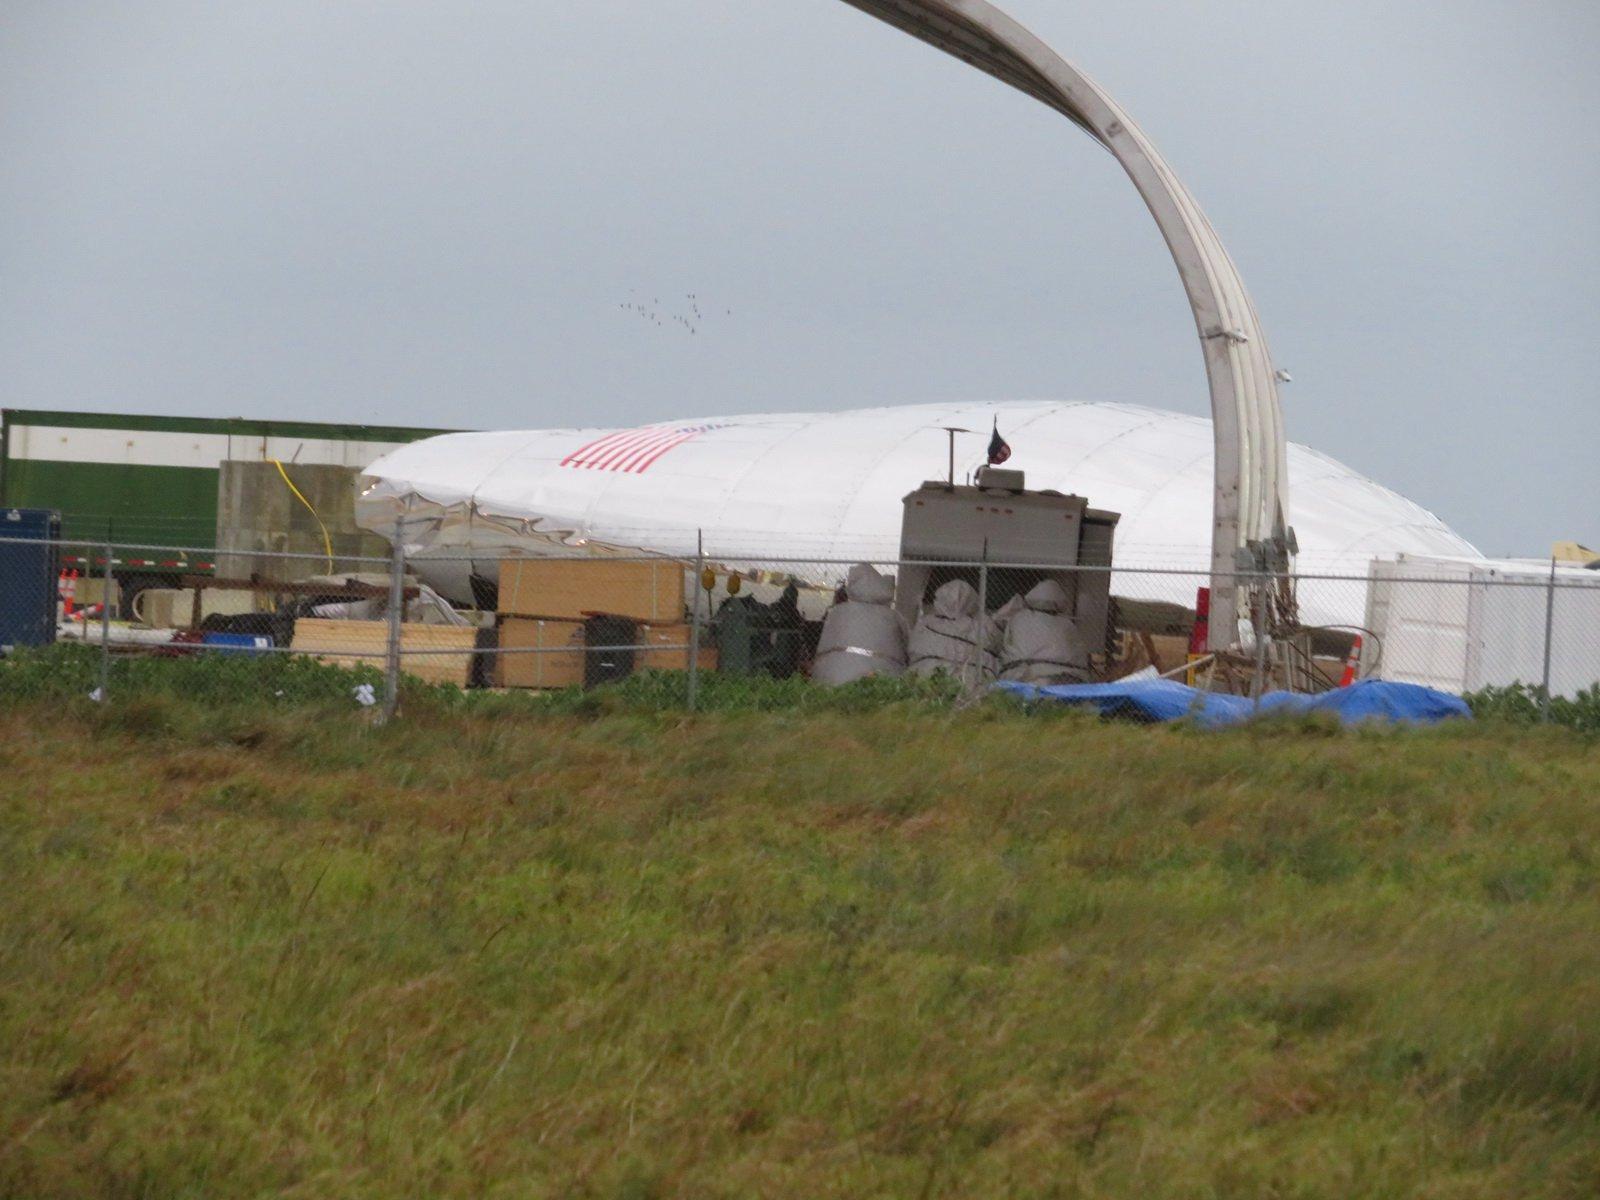 #фото | Часть прототипа ракеты Starship компании SpaceX упала из-за сильного ветра